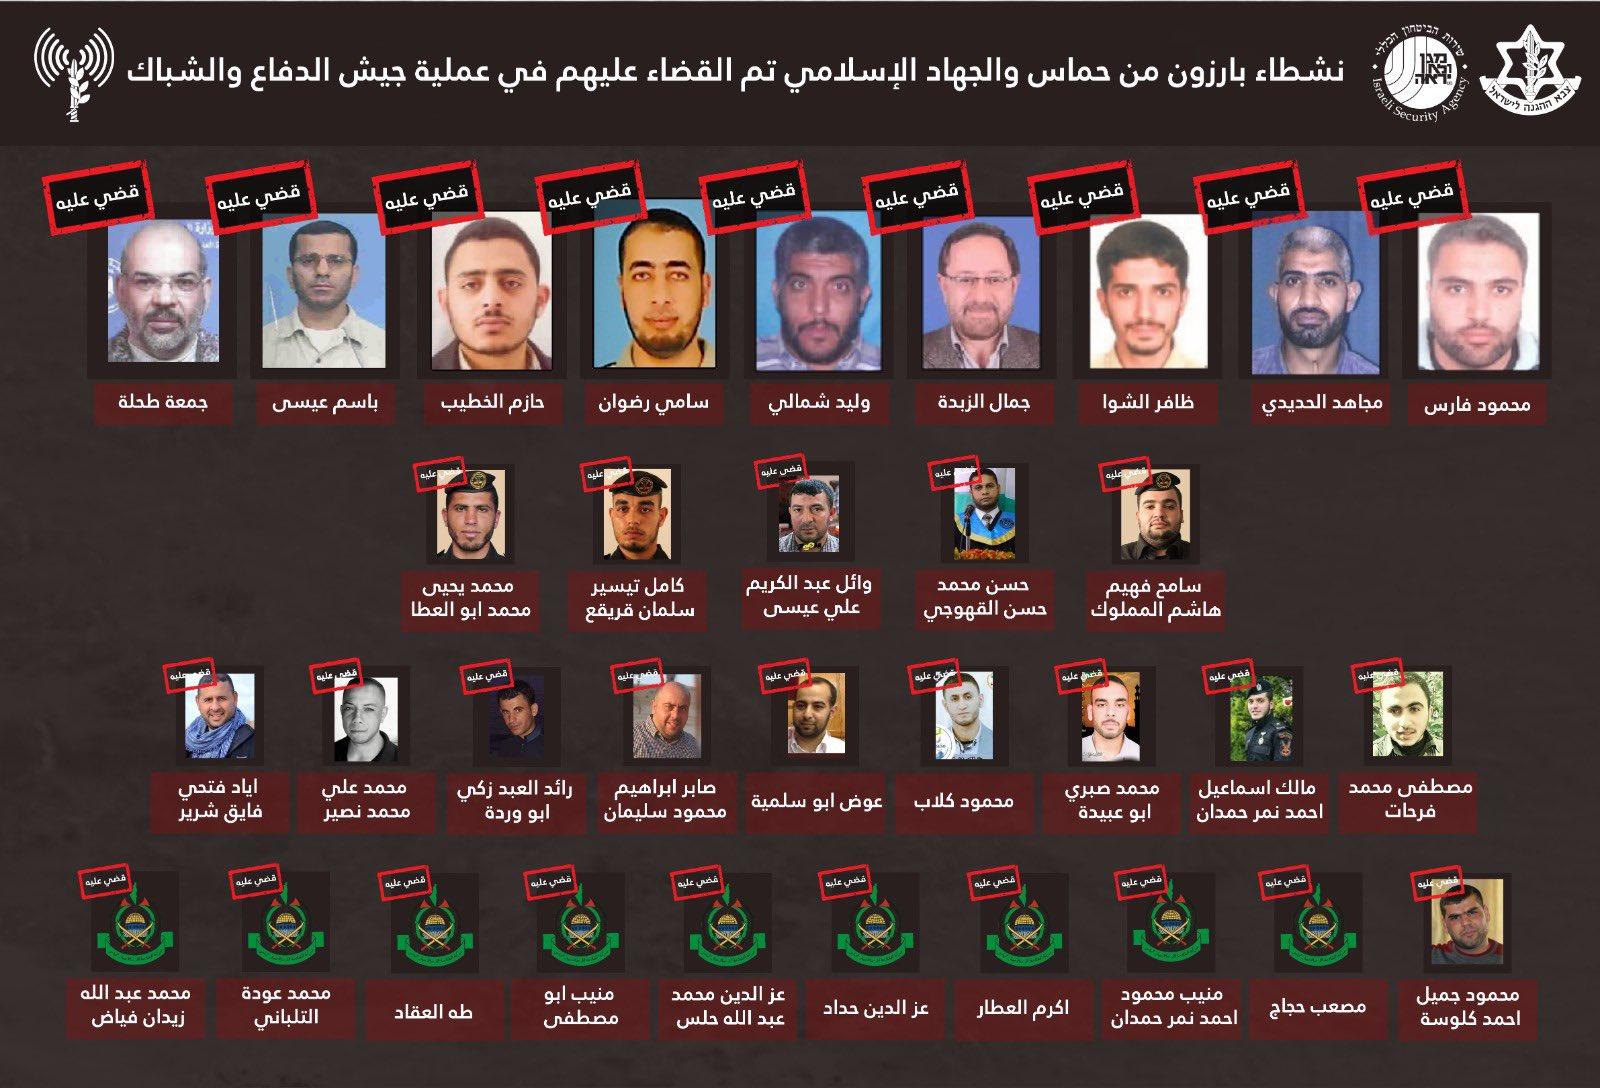 الجيش الإسرائيلي ينشر صور وفيديوهات لمسؤولين كبار في حماس إدعت تصفيتهم